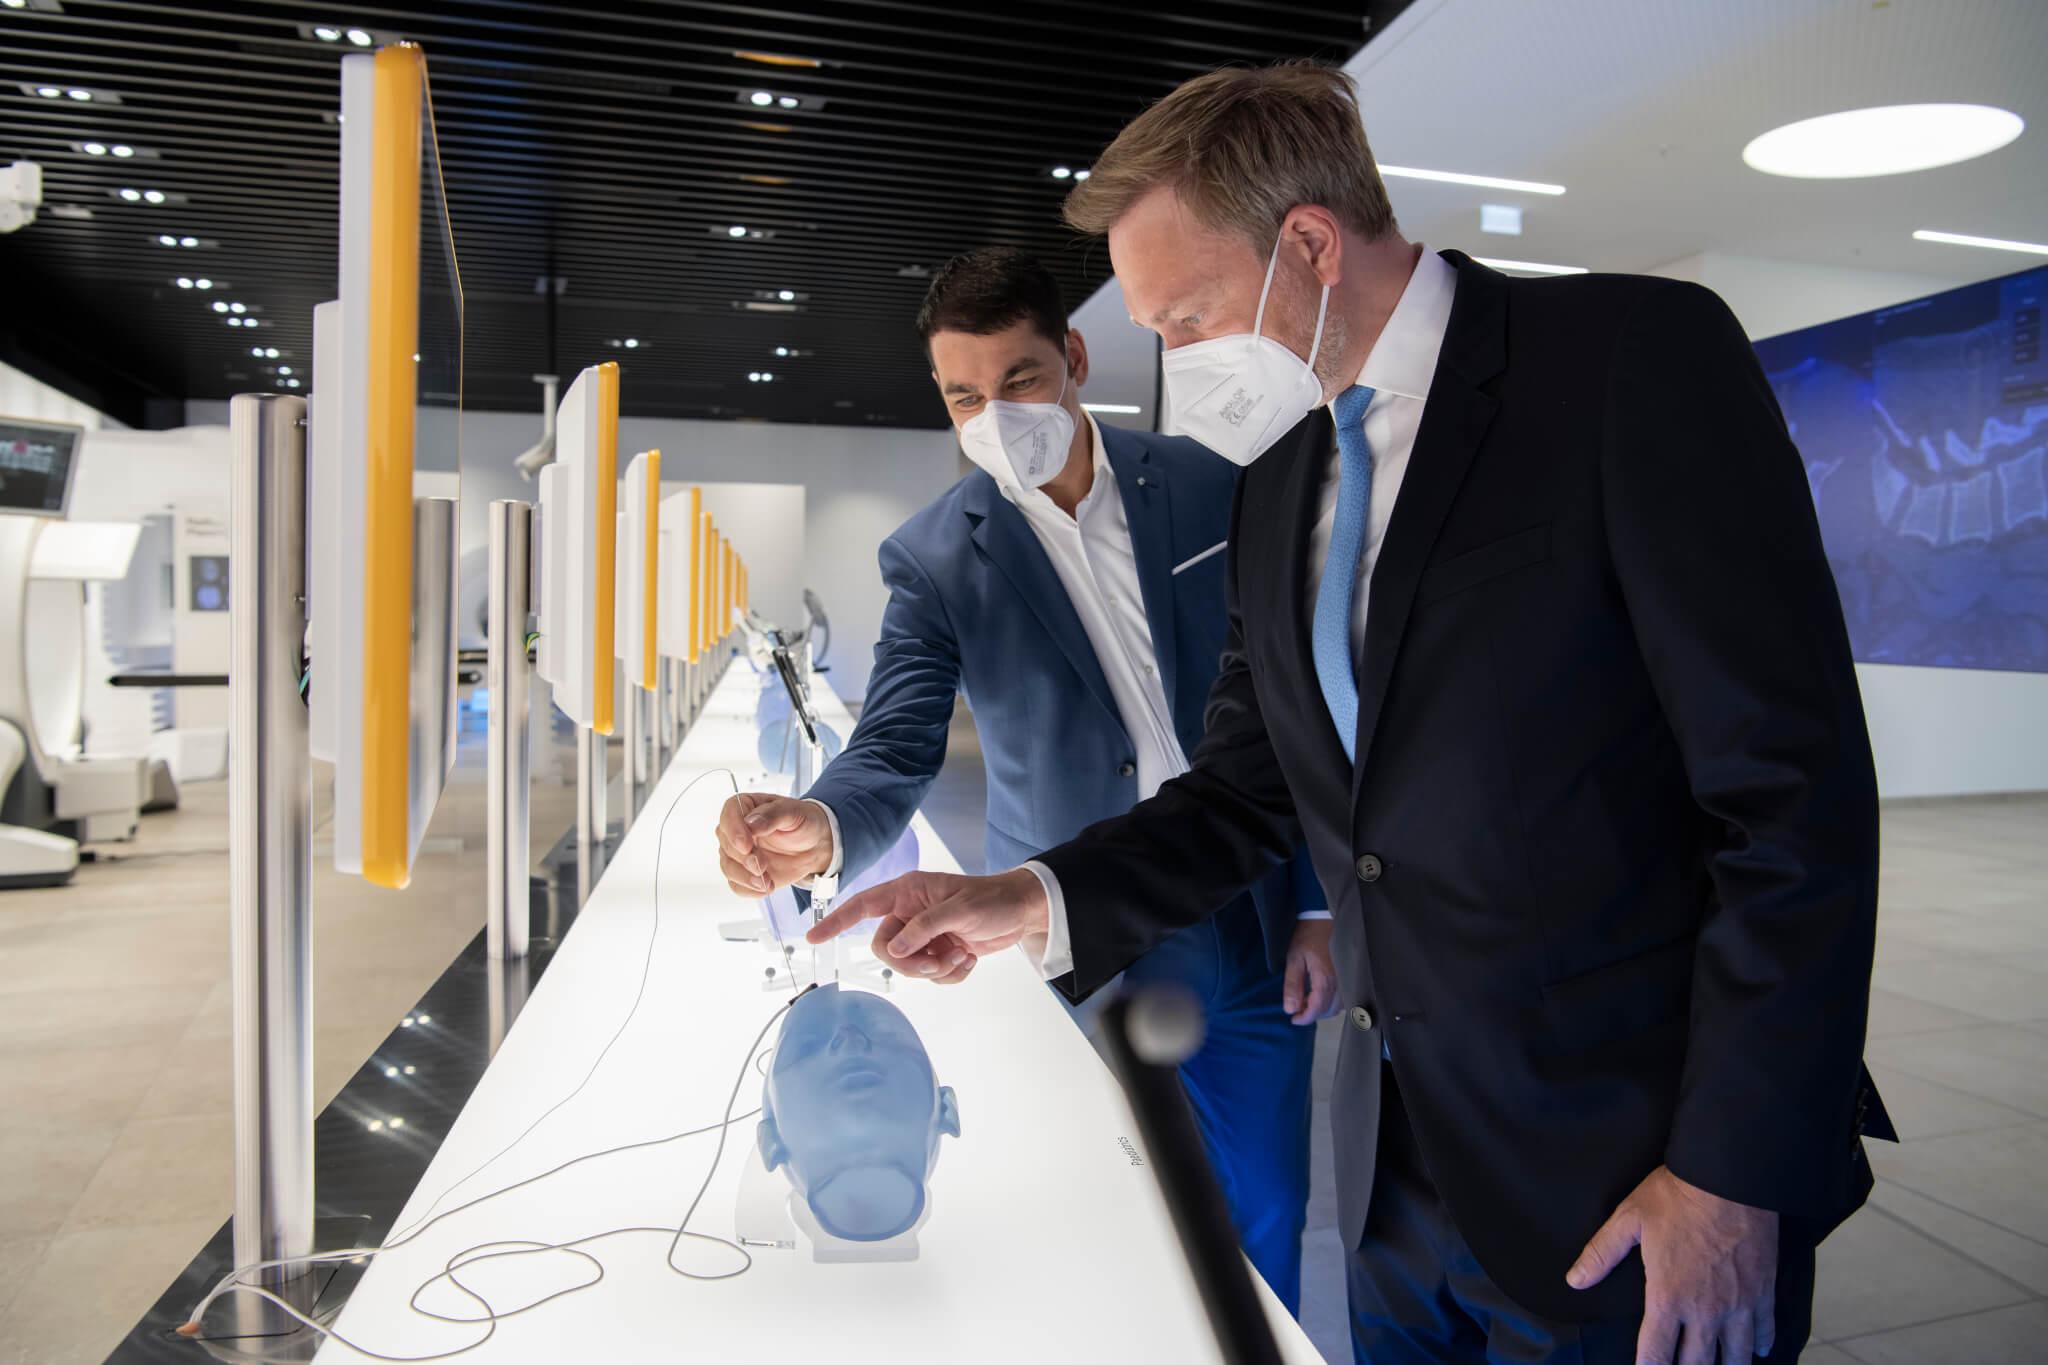 FDP-Fraktionsvorsitzender Christian Lindner informiert sich über die Digitalisierung der Chirurgie mit Stefan Vilsmeier